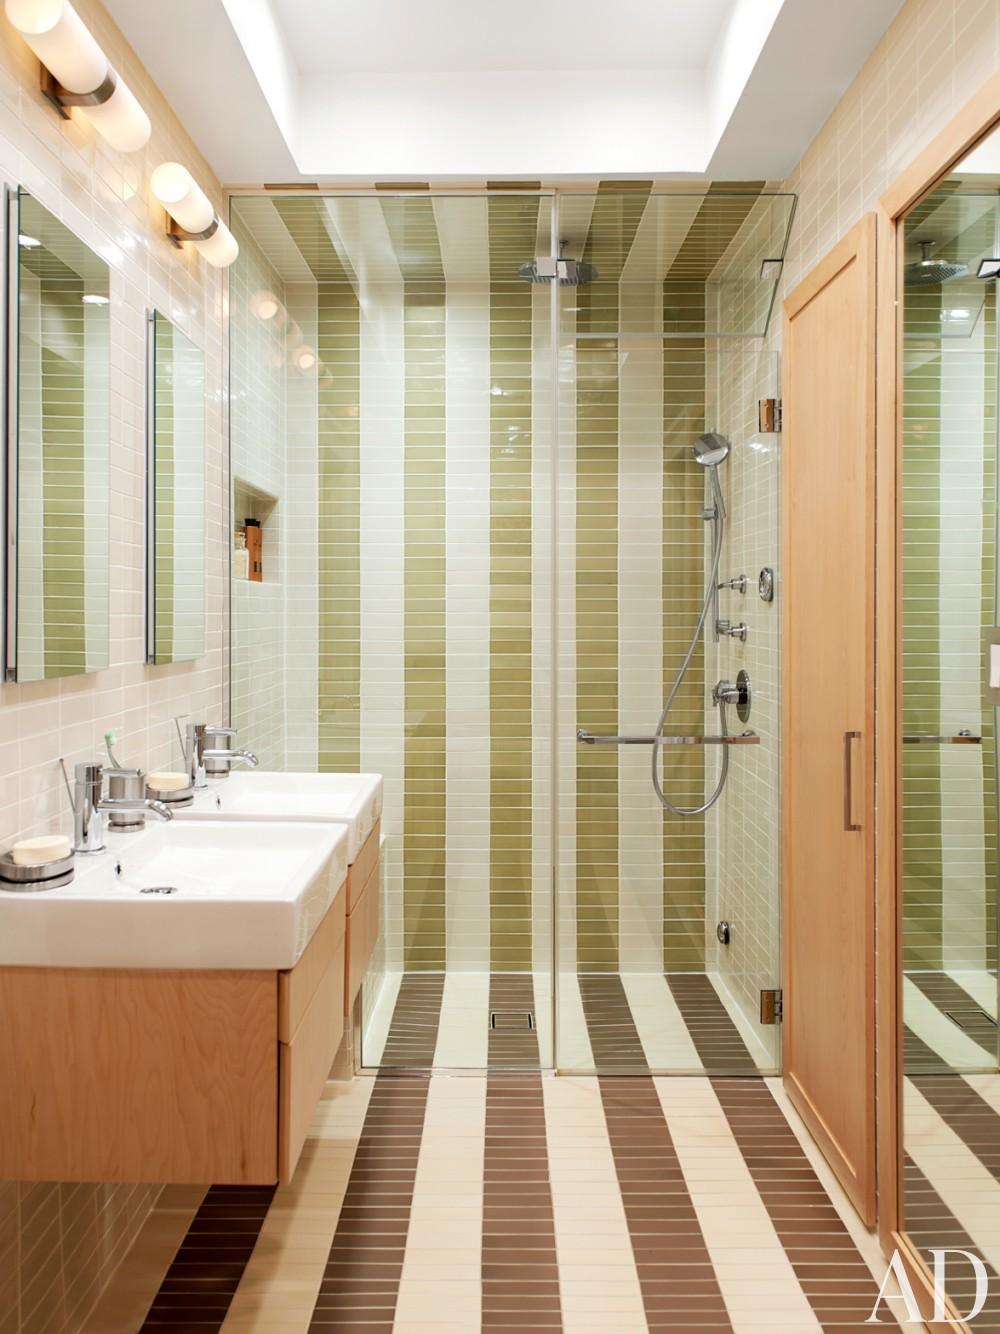 Bathroom by Alexandra Angle in New York, NY